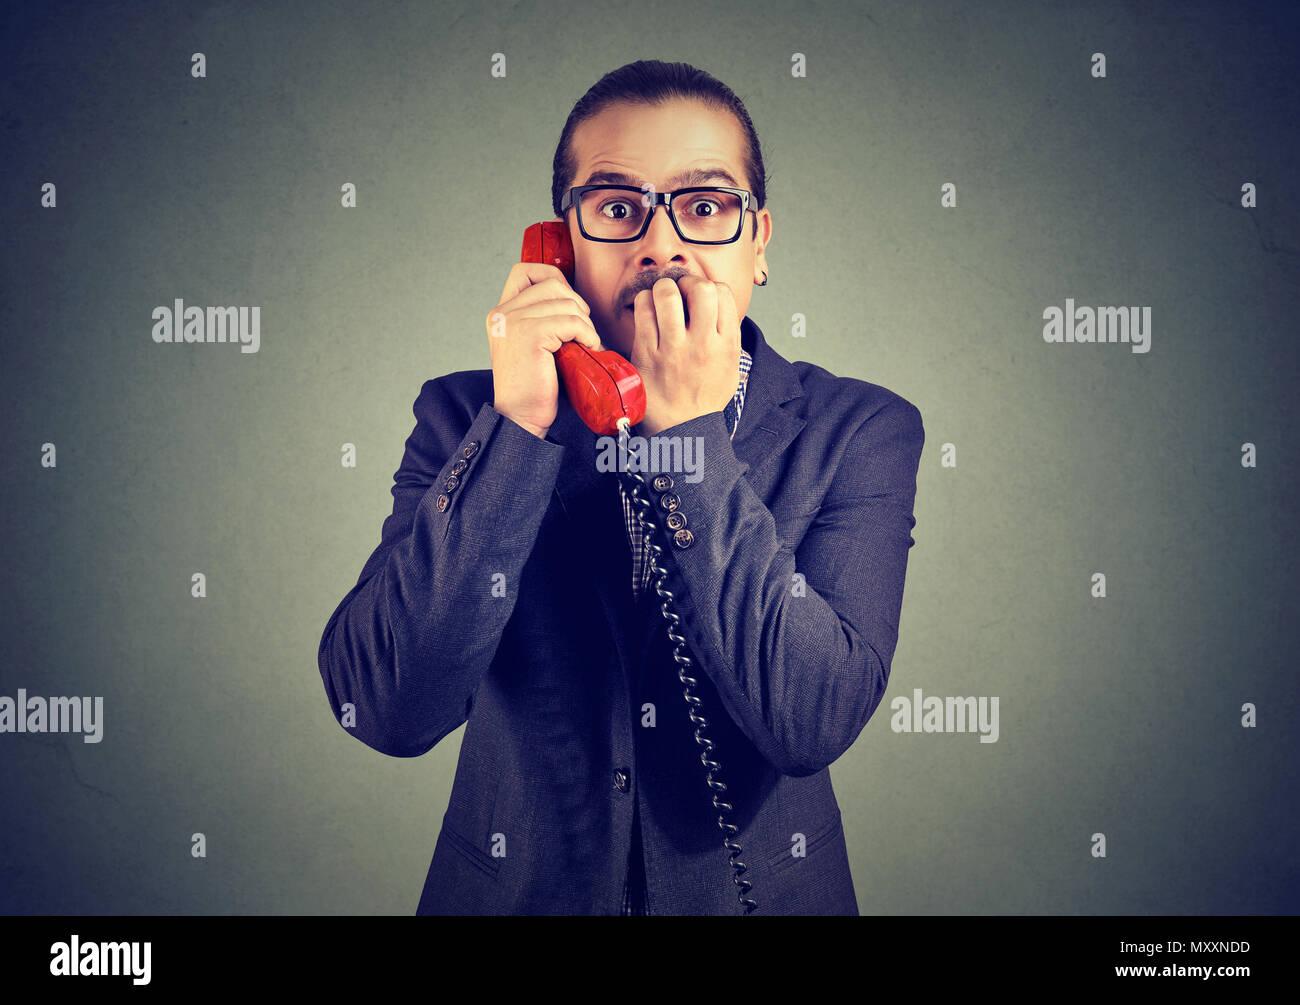 L'homme élégant en fonction de recevoir des nouvelles bouleversantes sur le téléphone et looking at camera avec crainte. Photo Stock